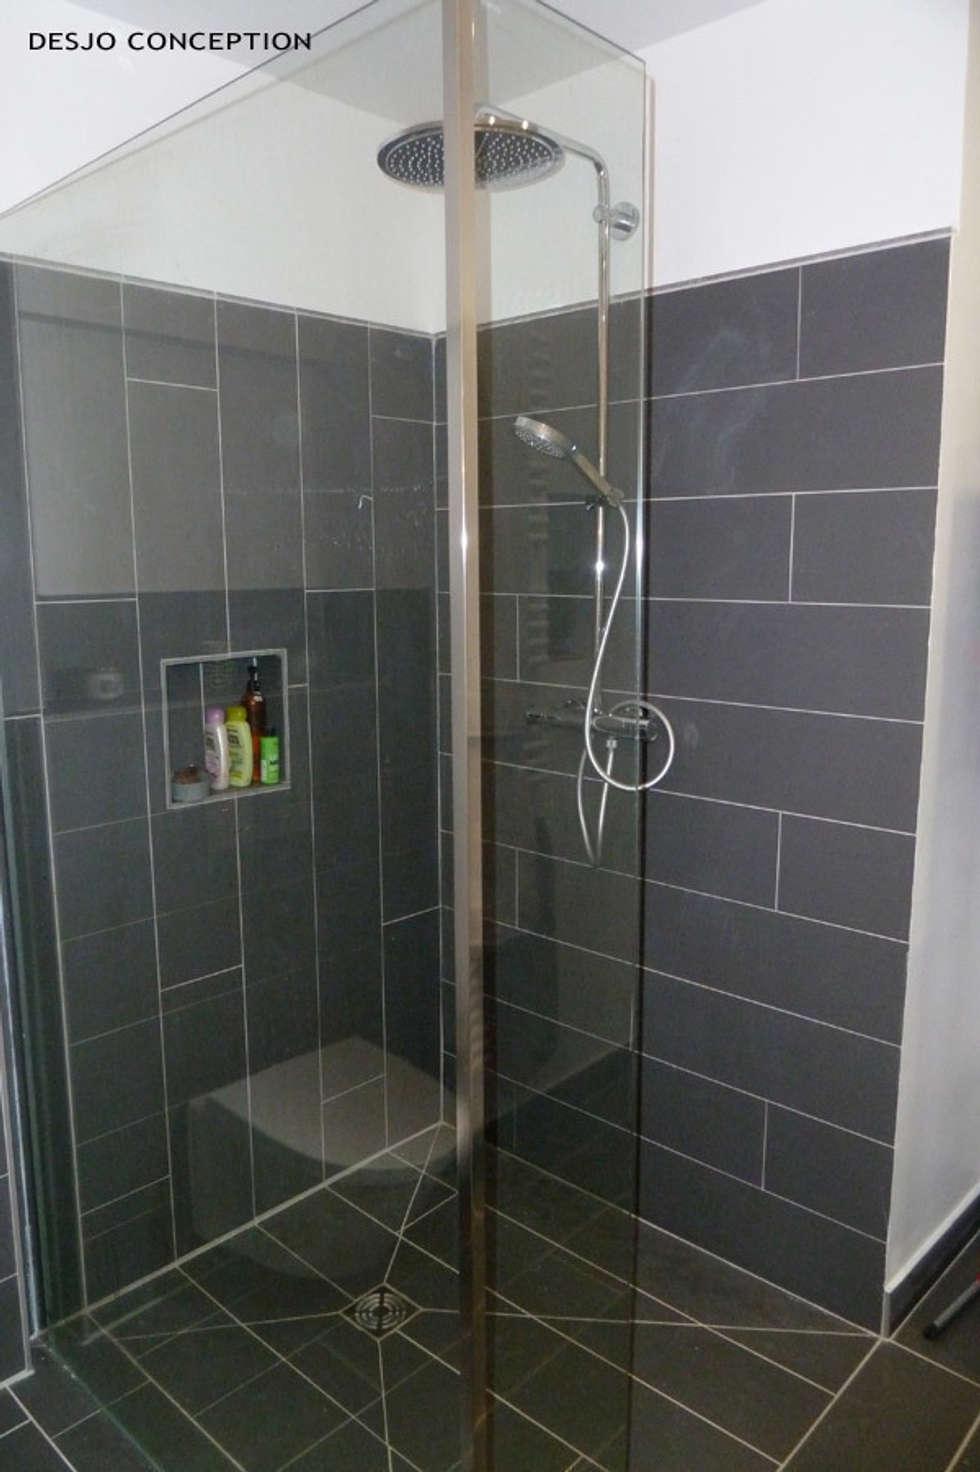 SdE: Salle de bains de style  par Desjoconception